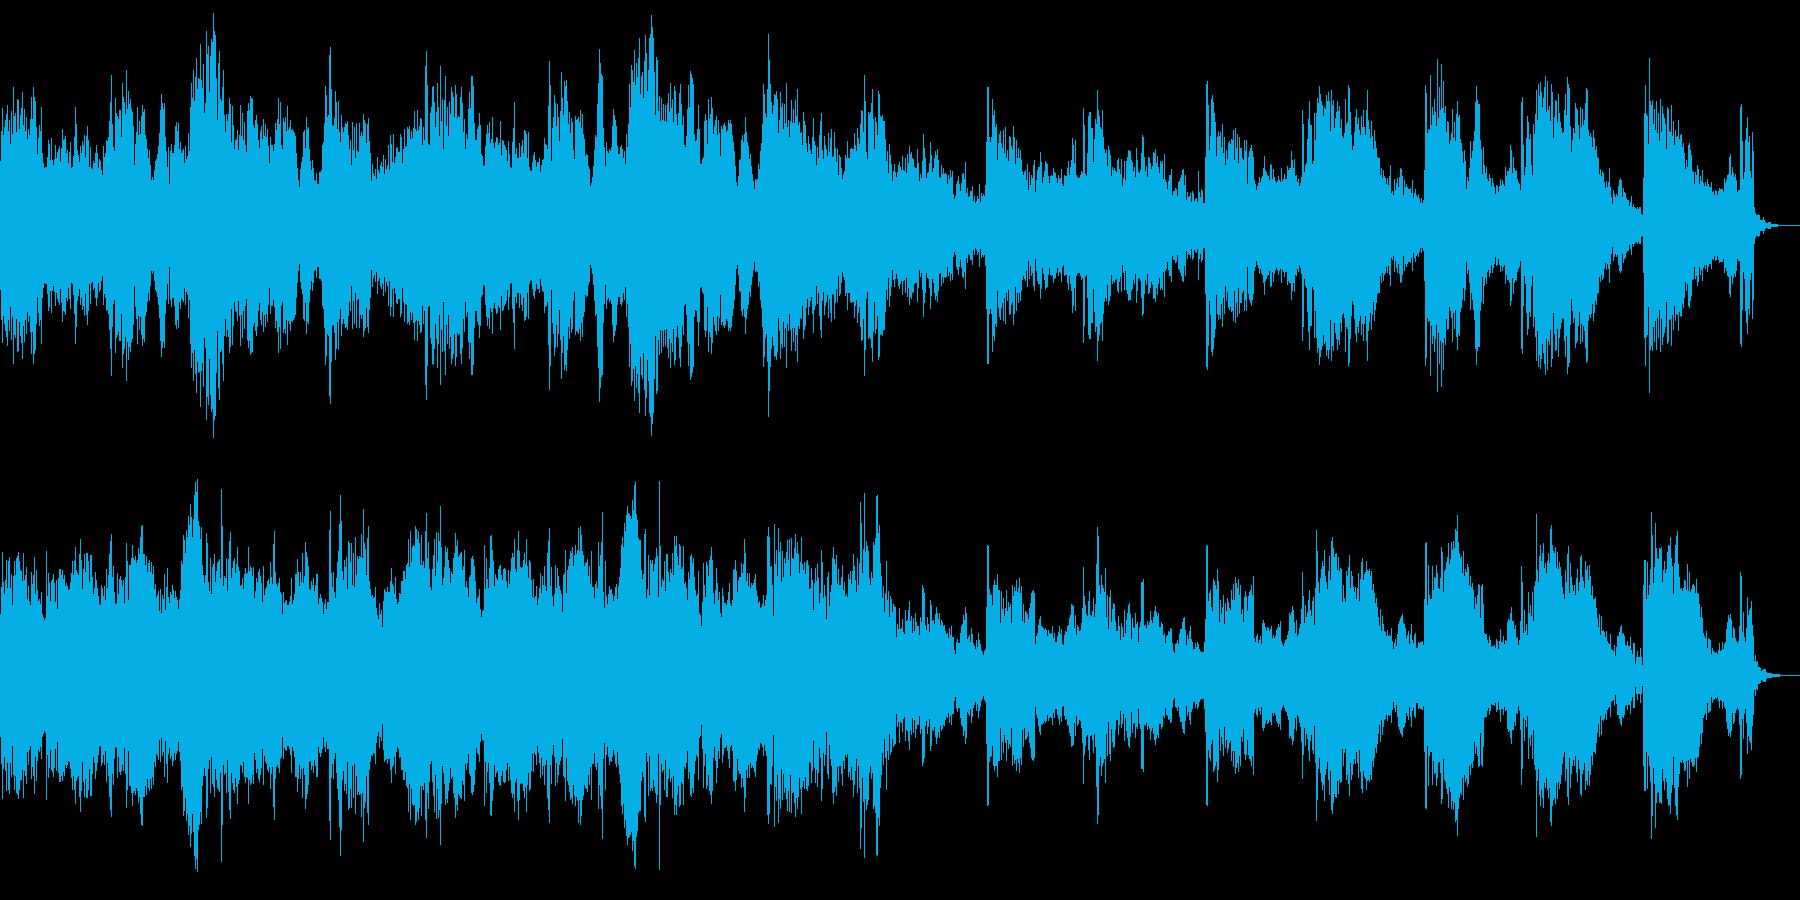 ホラーな暗く重い雰囲気のストリングスの再生済みの波形